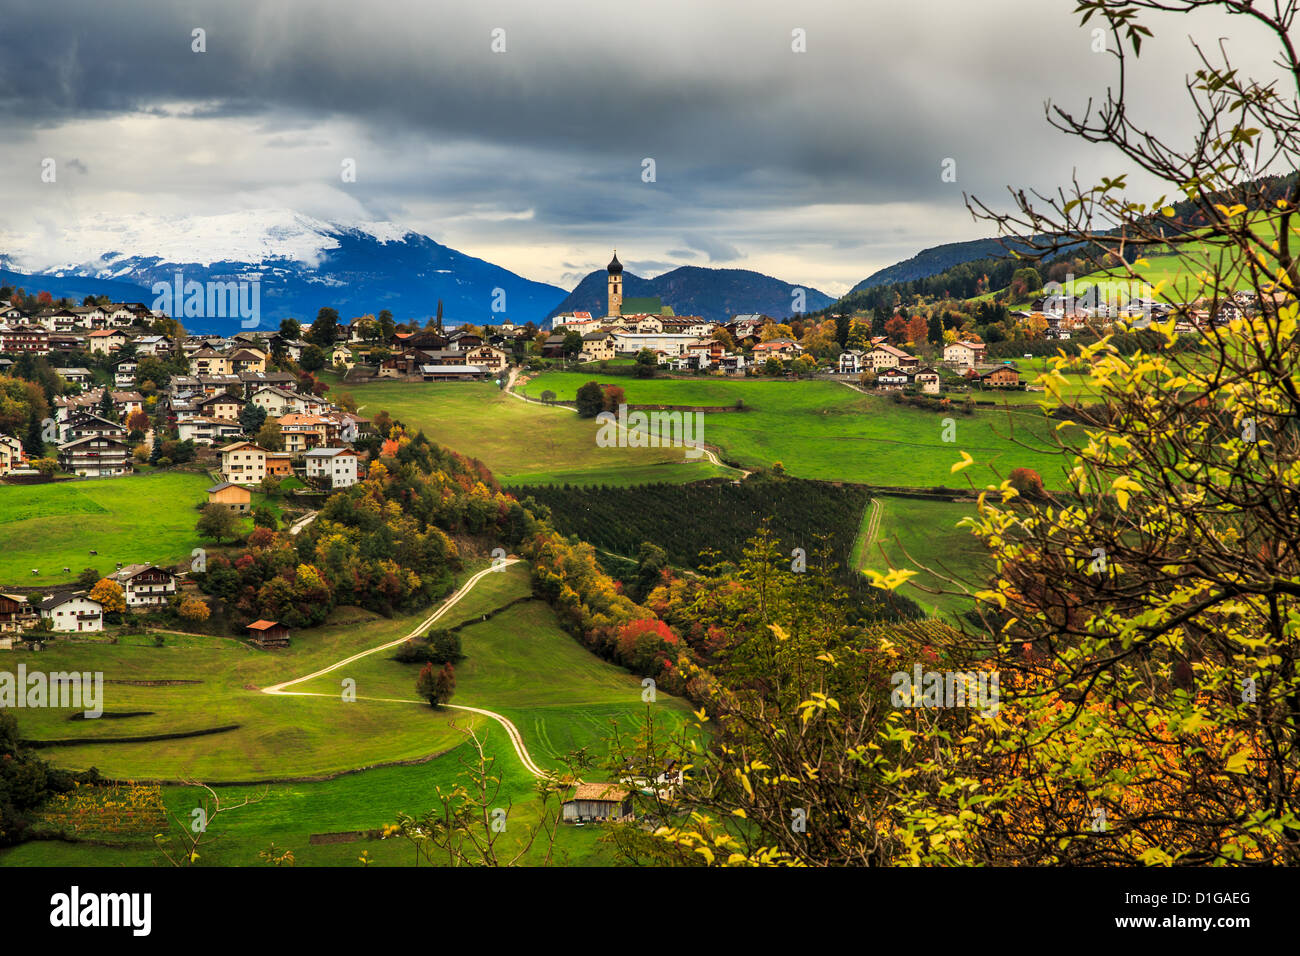 View of the landscape around Prösels Castle, Prösels, Fié allo Sciliar, Bolzano, Italy - Stock Image